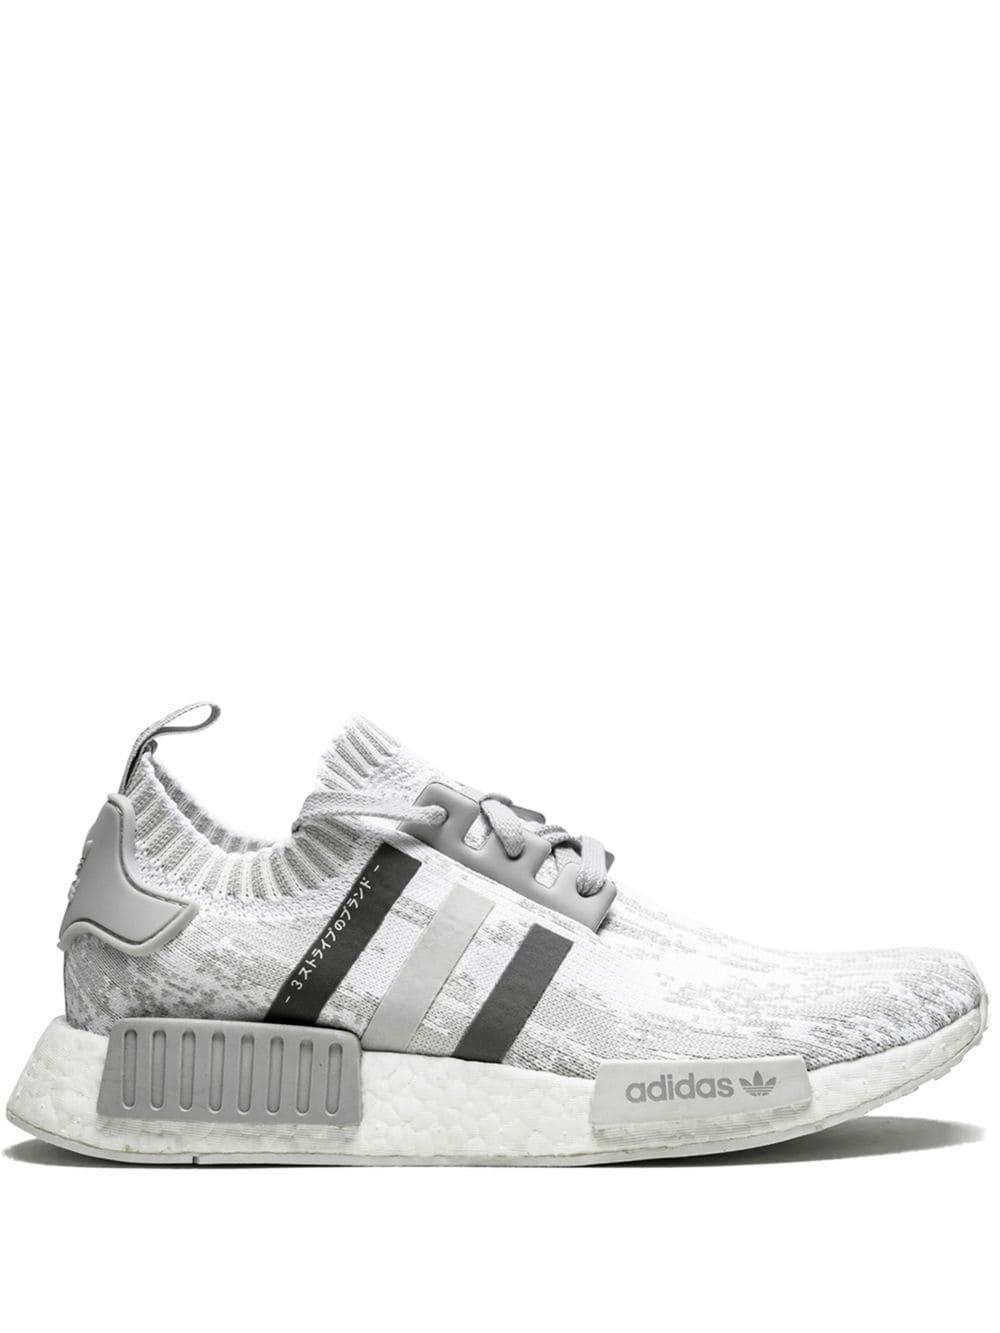 704bd3807e95 Adidas Originals Adidas Nmd R1 W Pk Sneakers - Grey